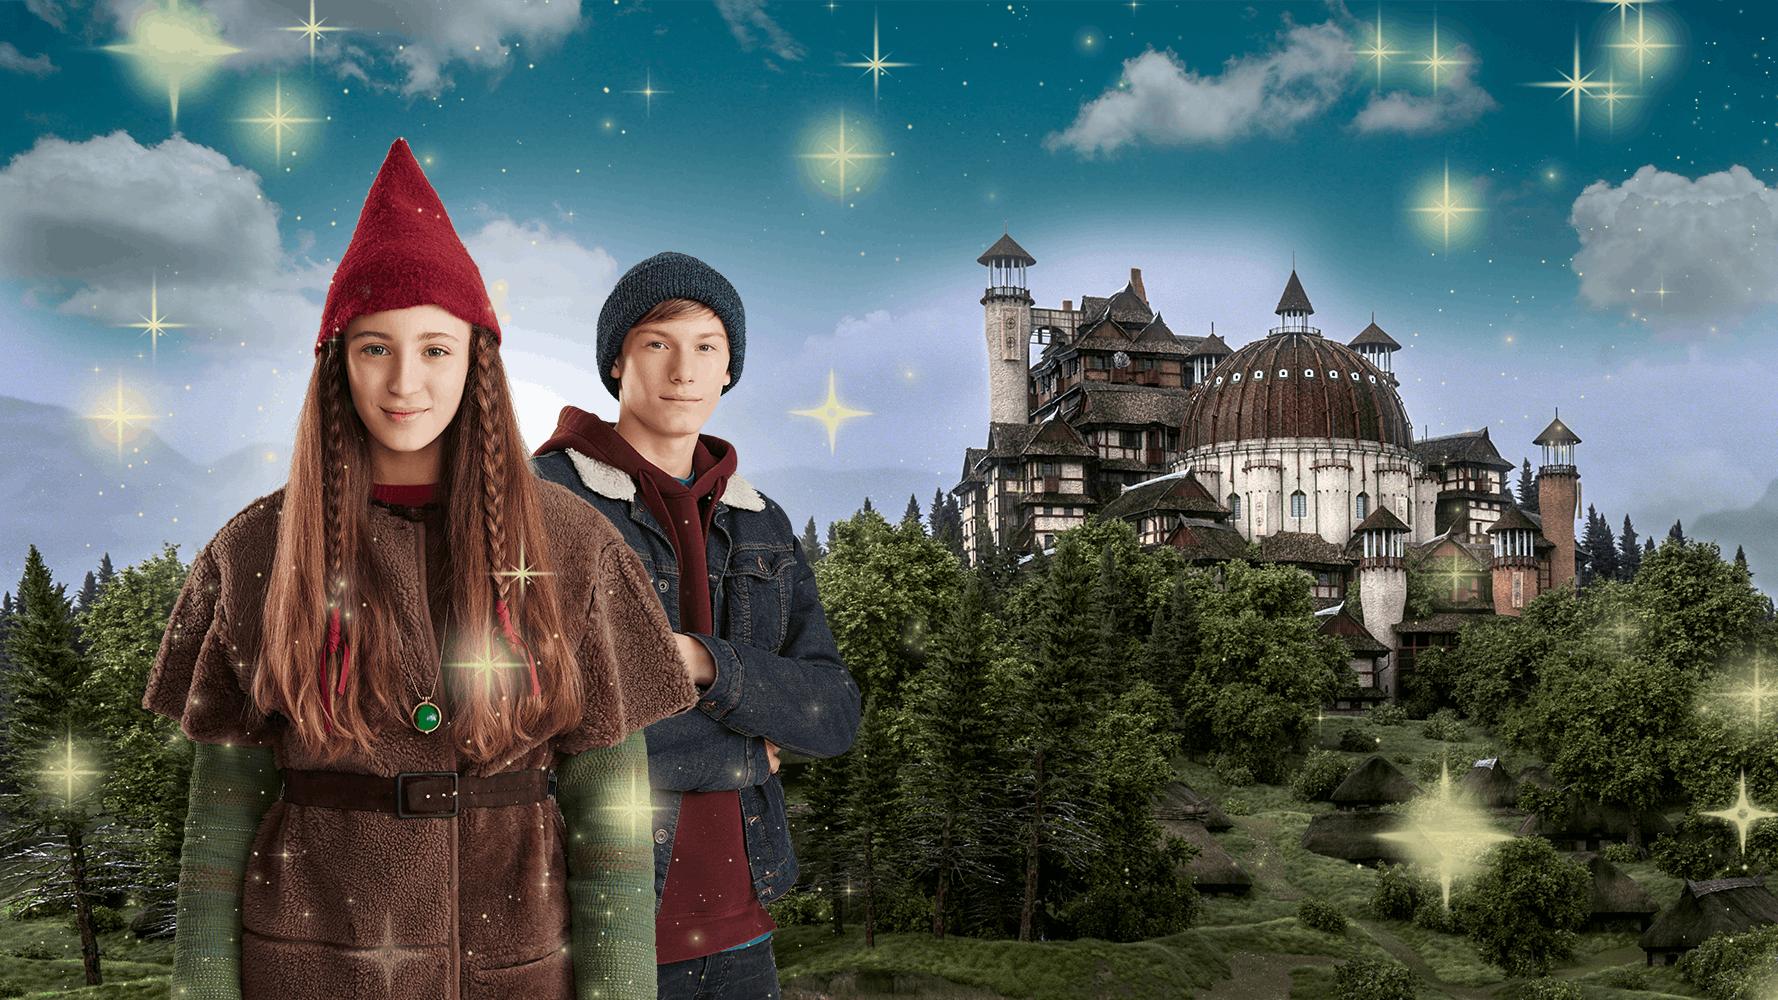 Tinkas Juleeventyr - Årets store julekalender for hele familien